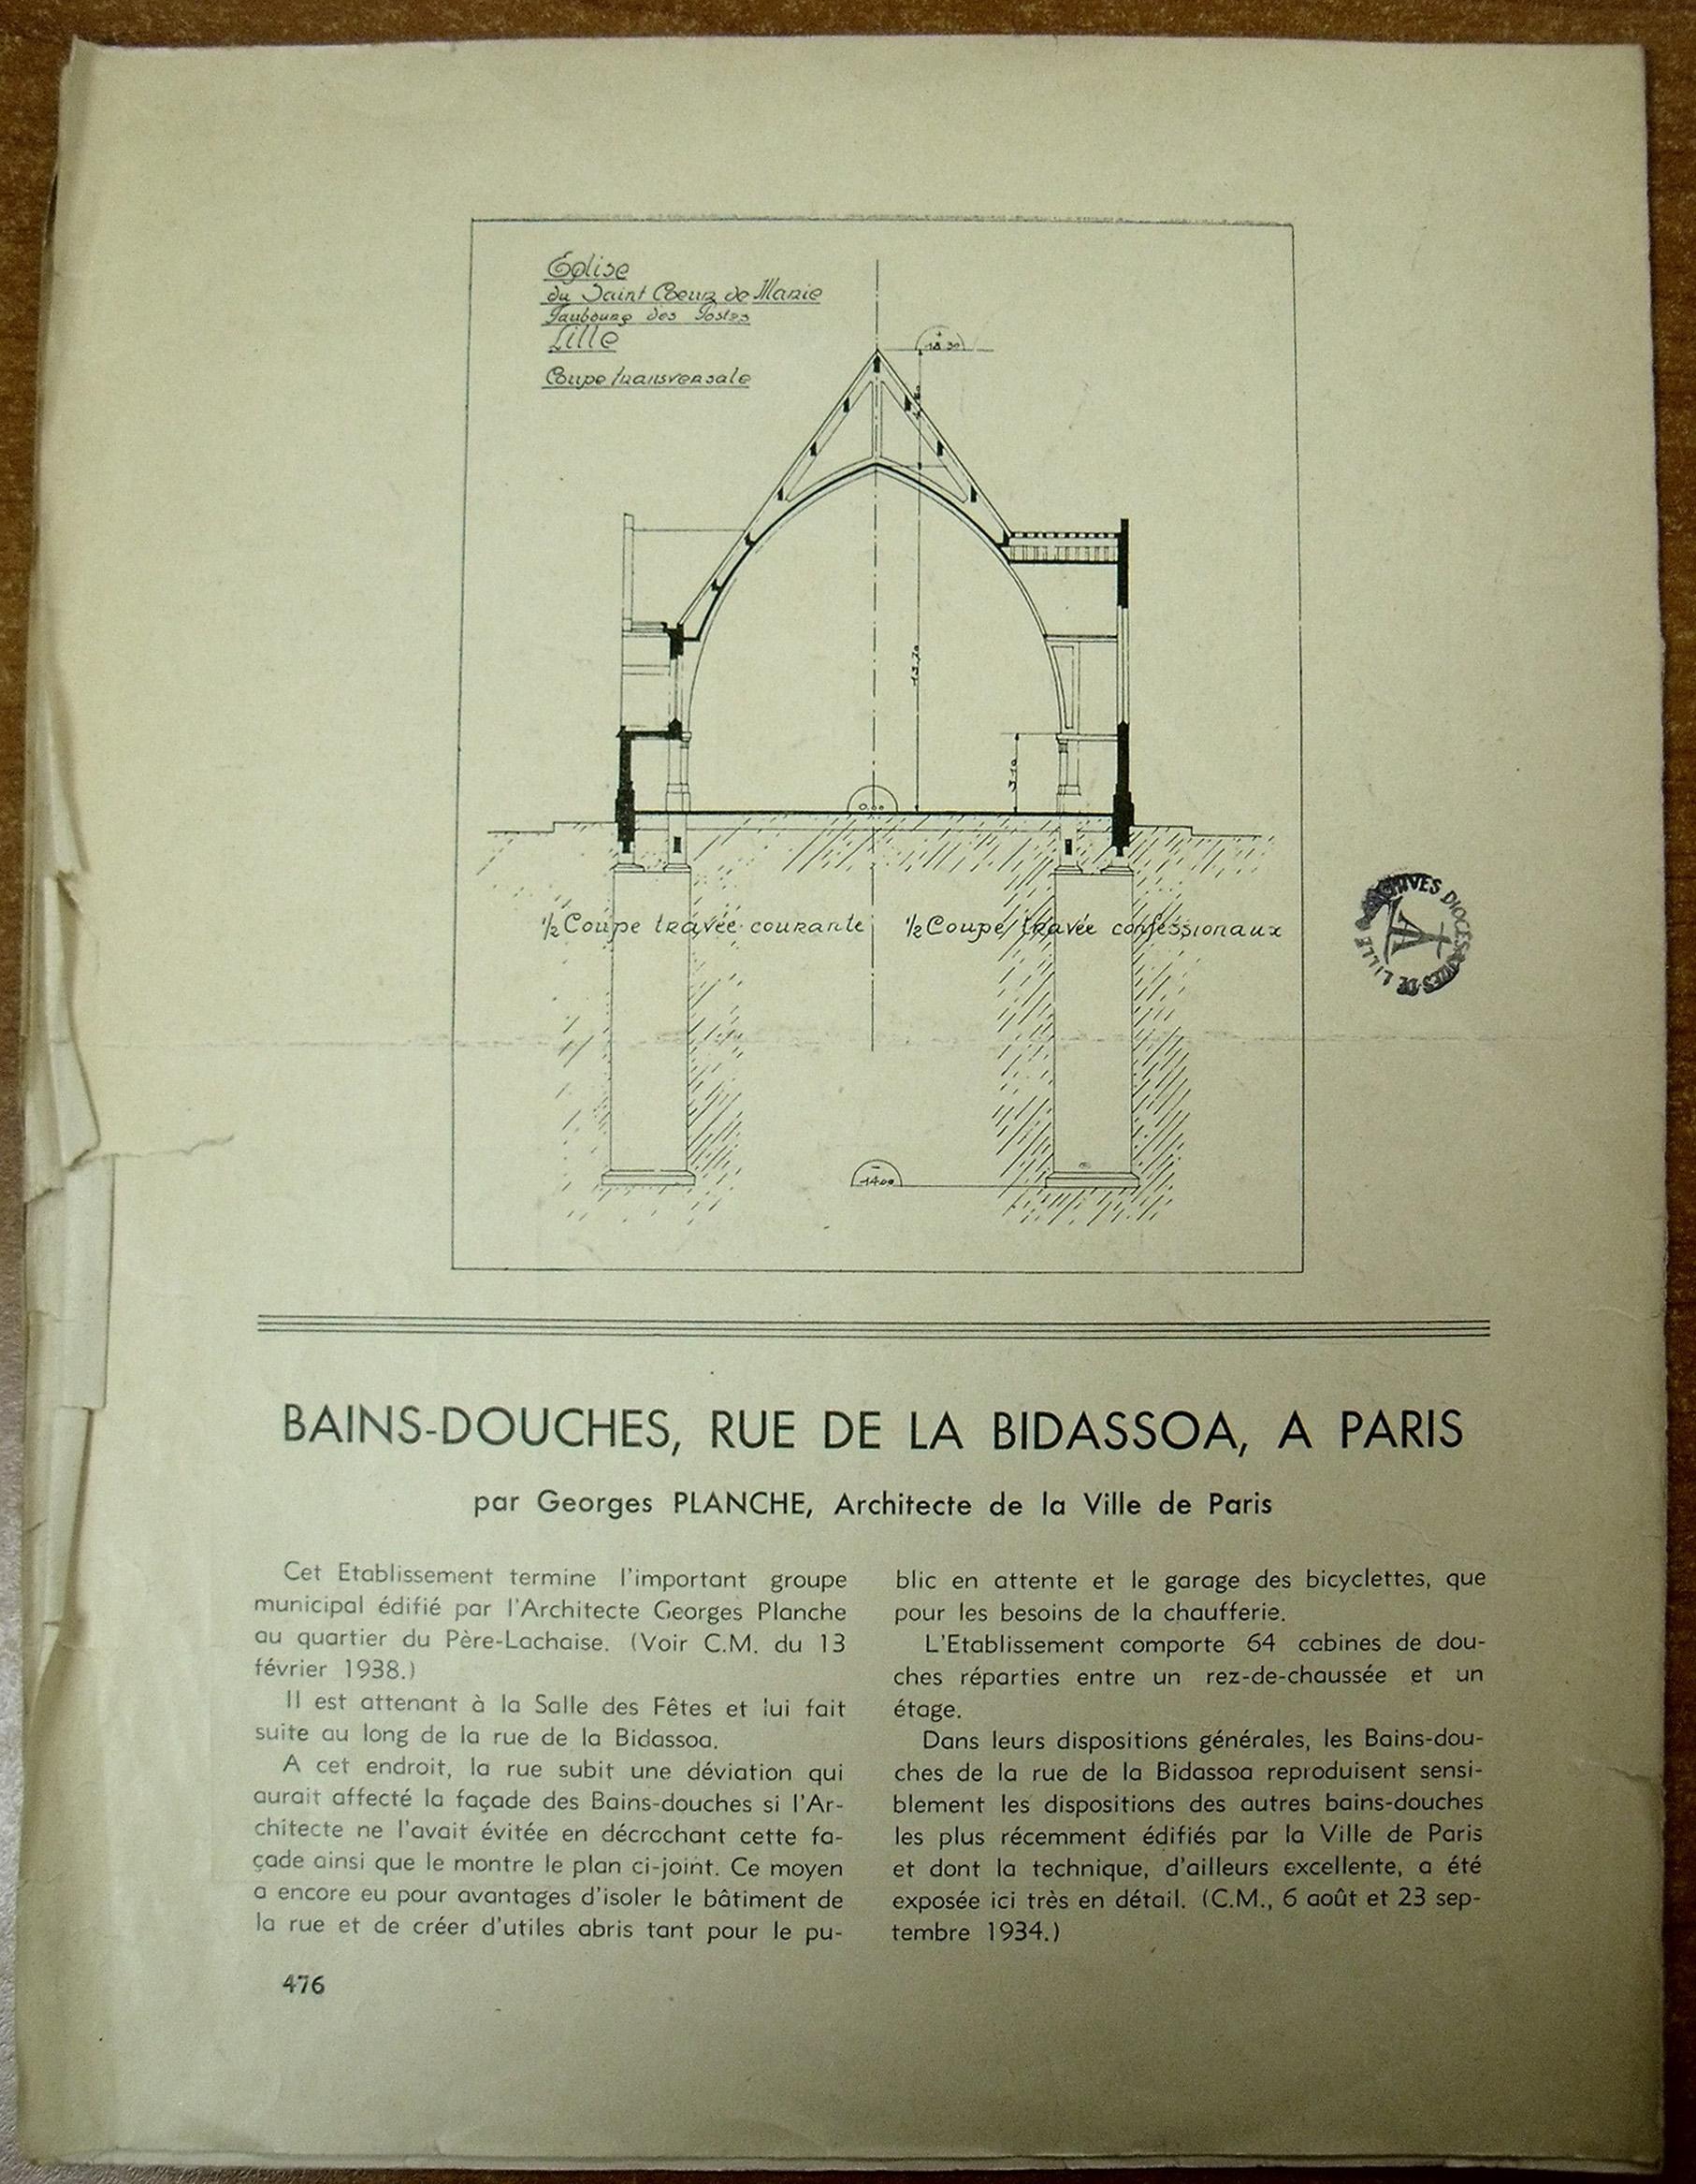 Revue de 1938 sur CIM 6